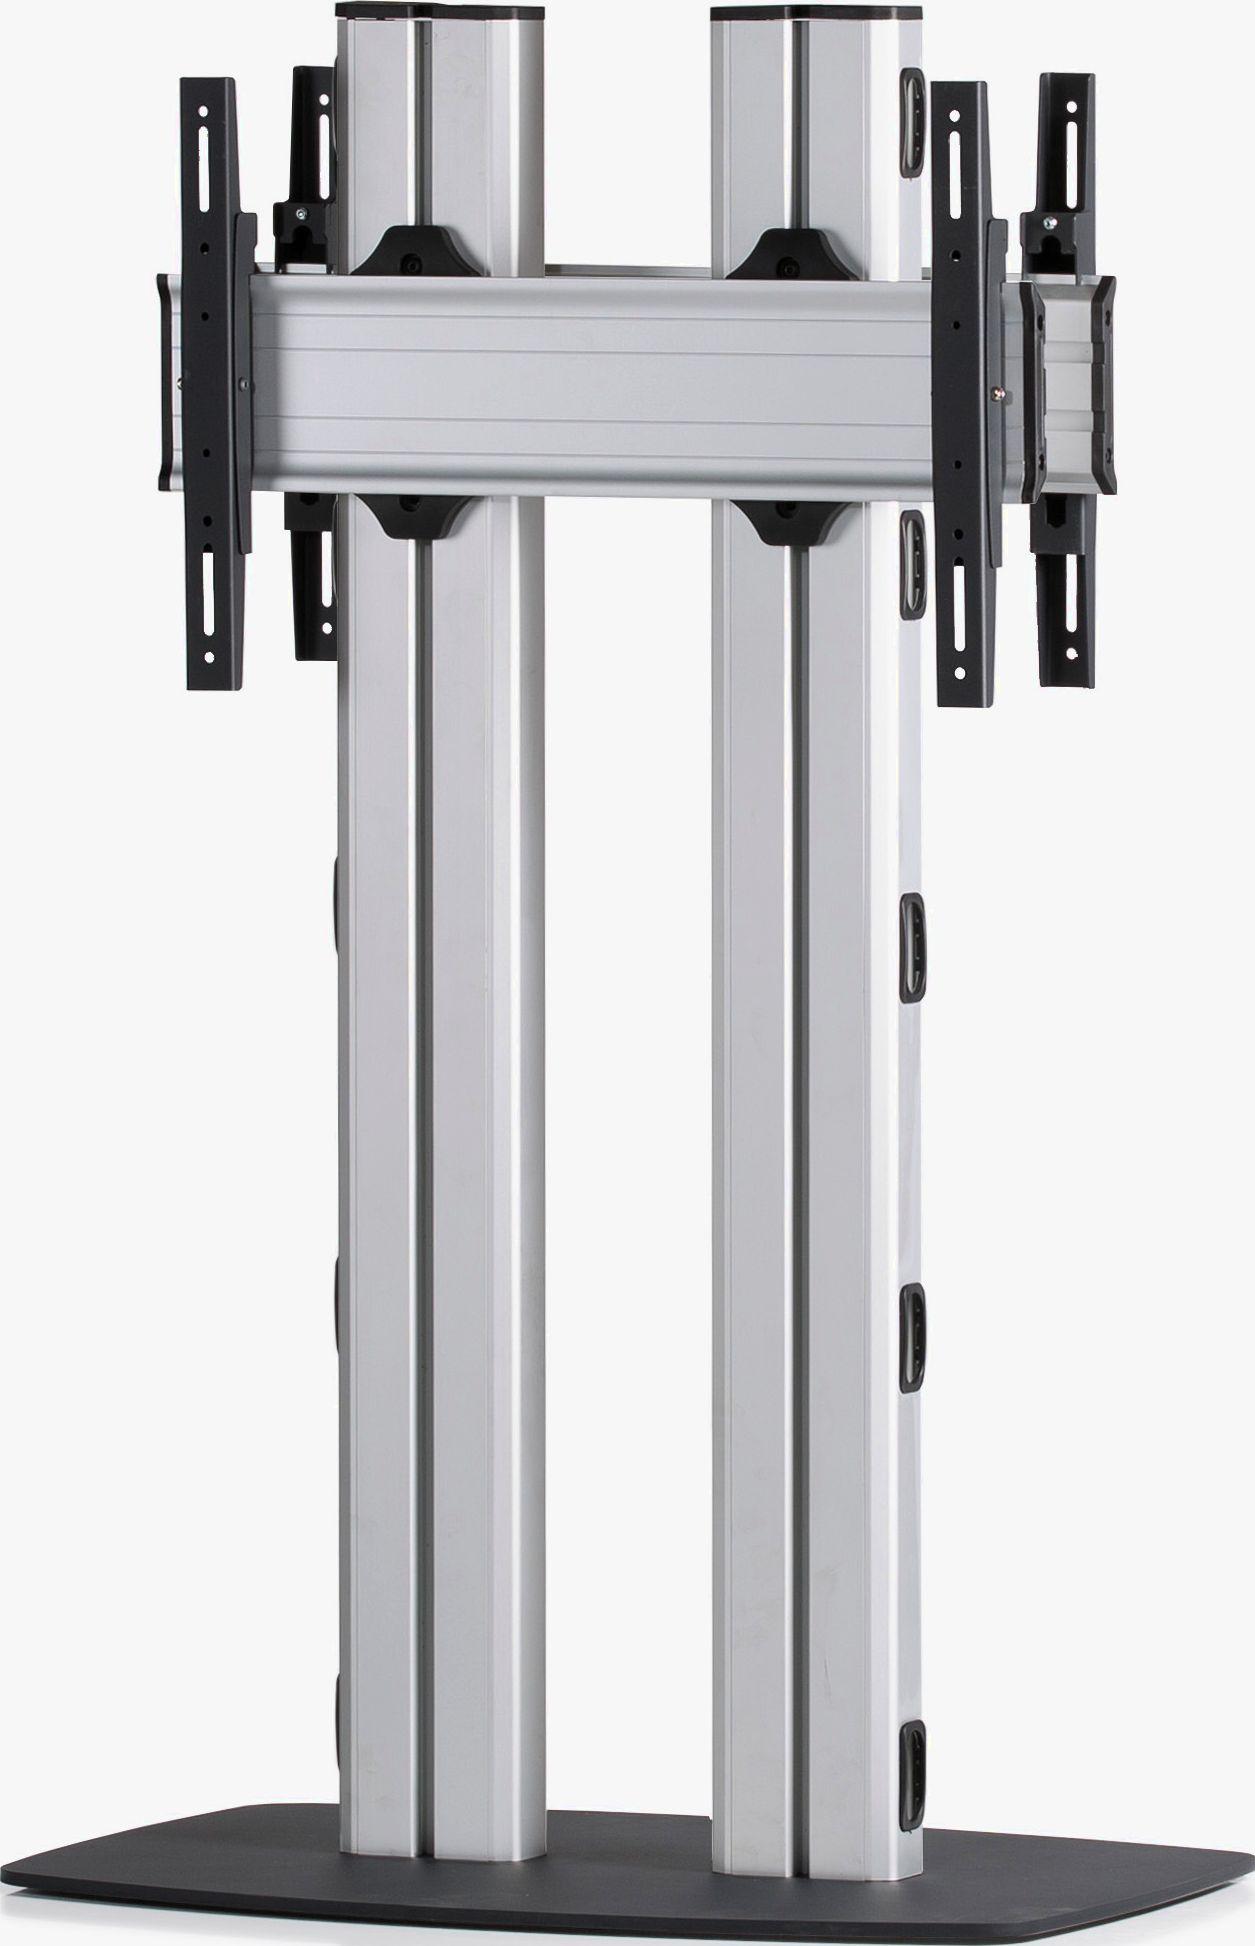 2 Displays 1×1 beidseitig, für große Bildschirme, Höhe 135 cm, Standard-VESA, mit Standfuß